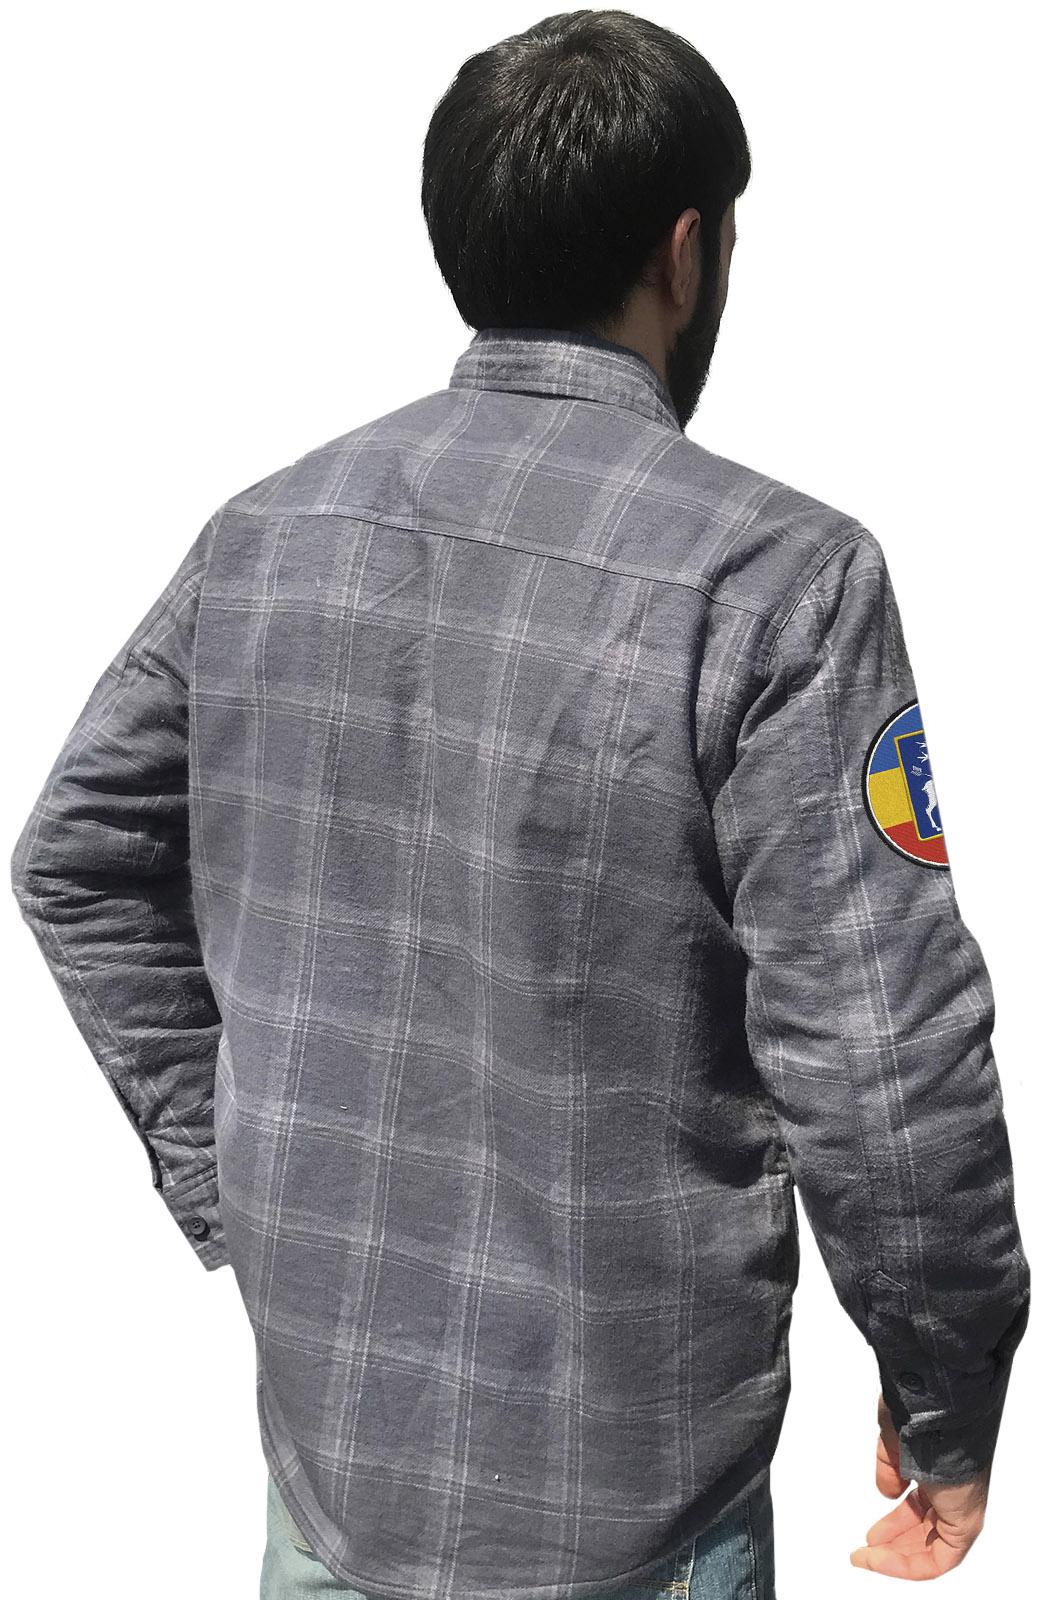 Купить надежную рубашку с вышитым казачьим шевроном Елень с доставкой или самовывозом